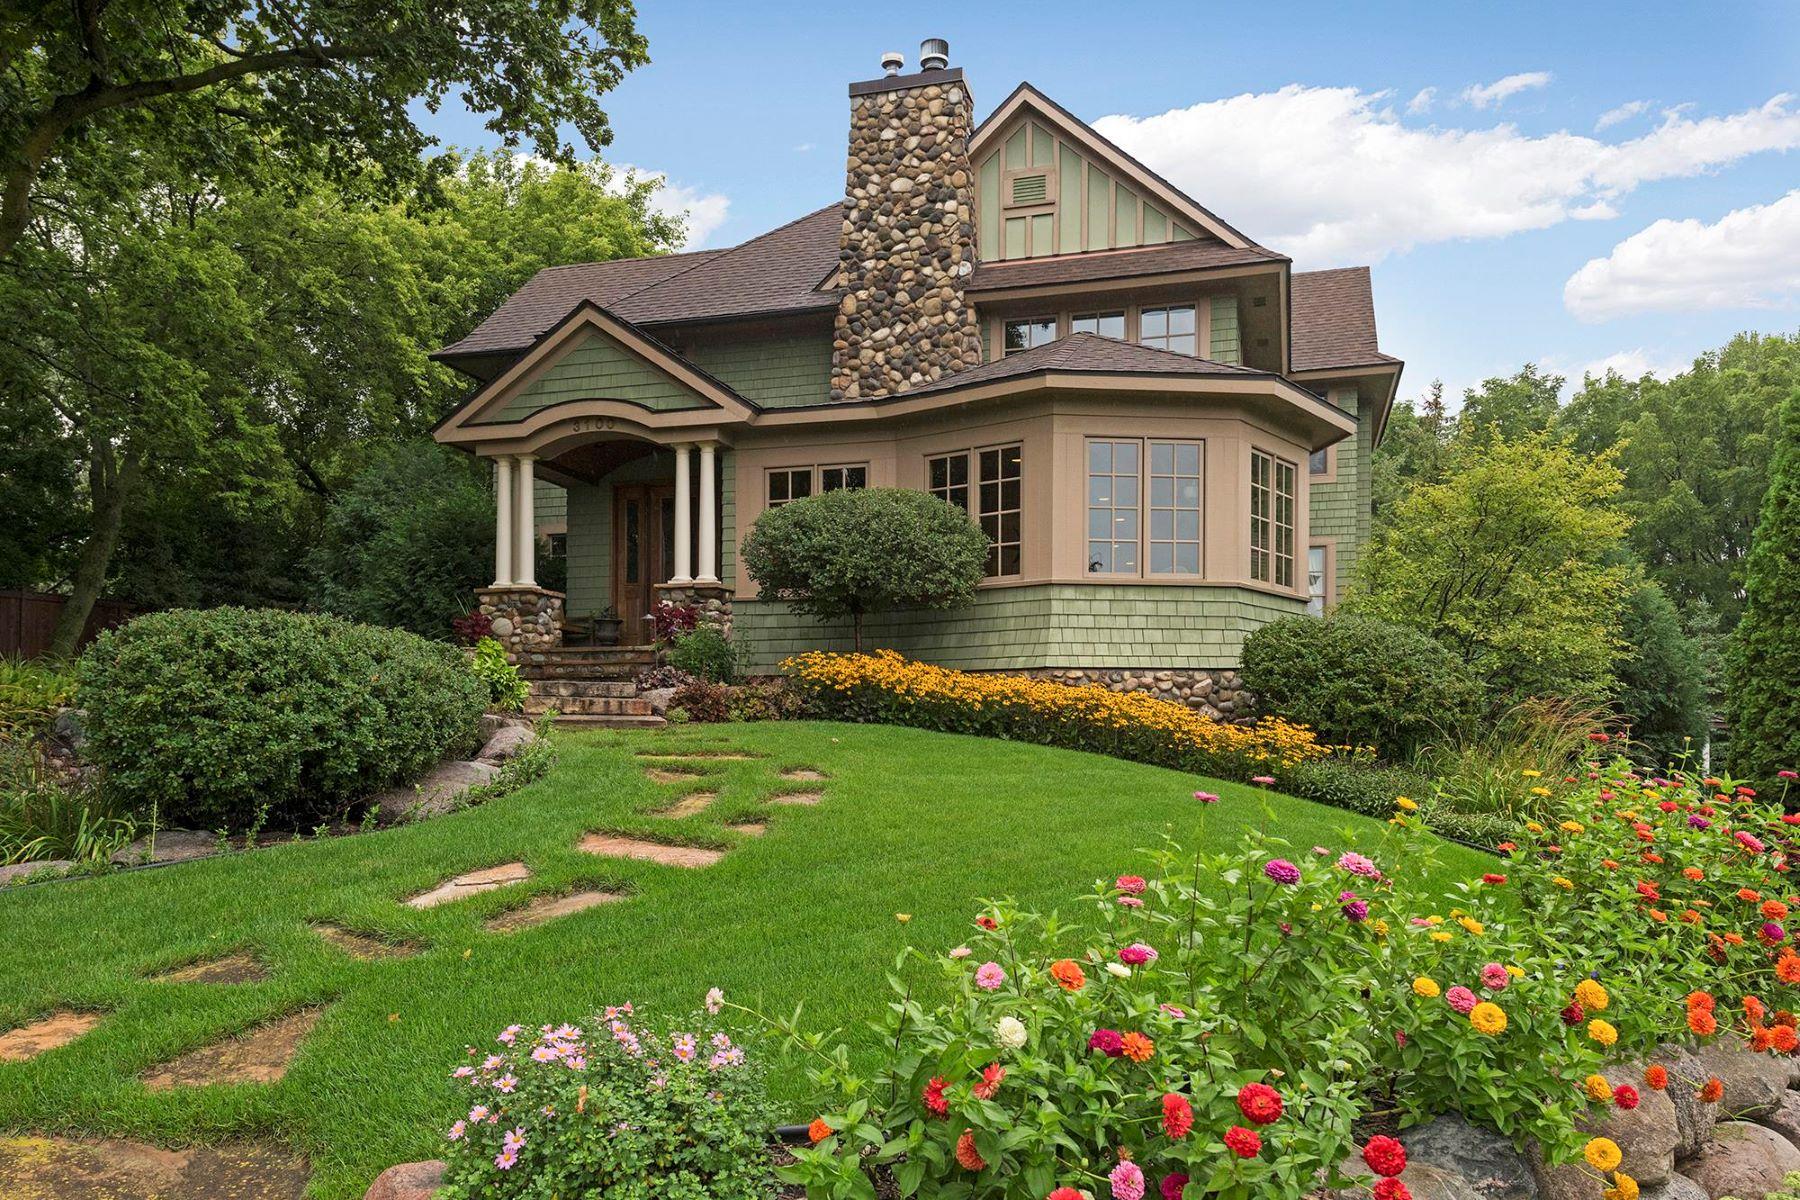 Casa Unifamiliar por un Venta en 3100 Dartmouth Dr Chanhassen, Minnesota, 55331 Estados Unidos